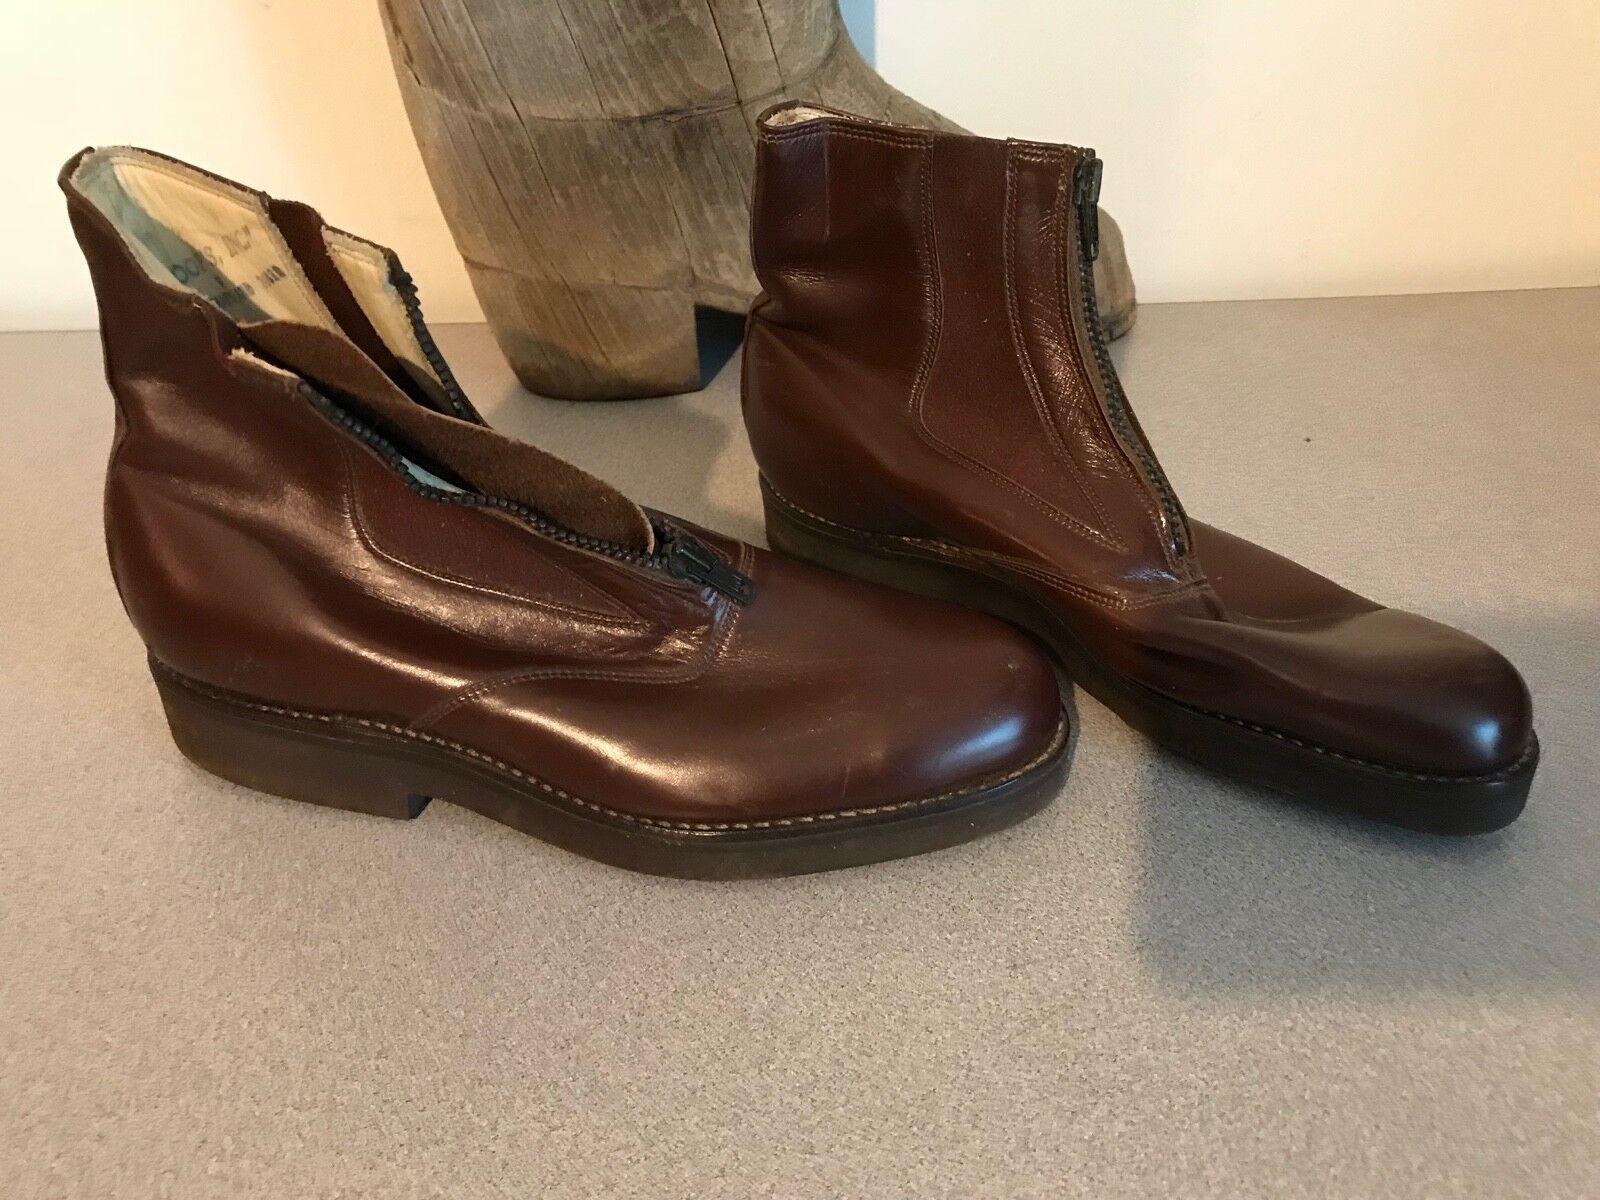 A.m. Kroop & Sons Sons Sons Cuero Cremallera Jodhpur botas para hombre mujer 5 7  a la venta